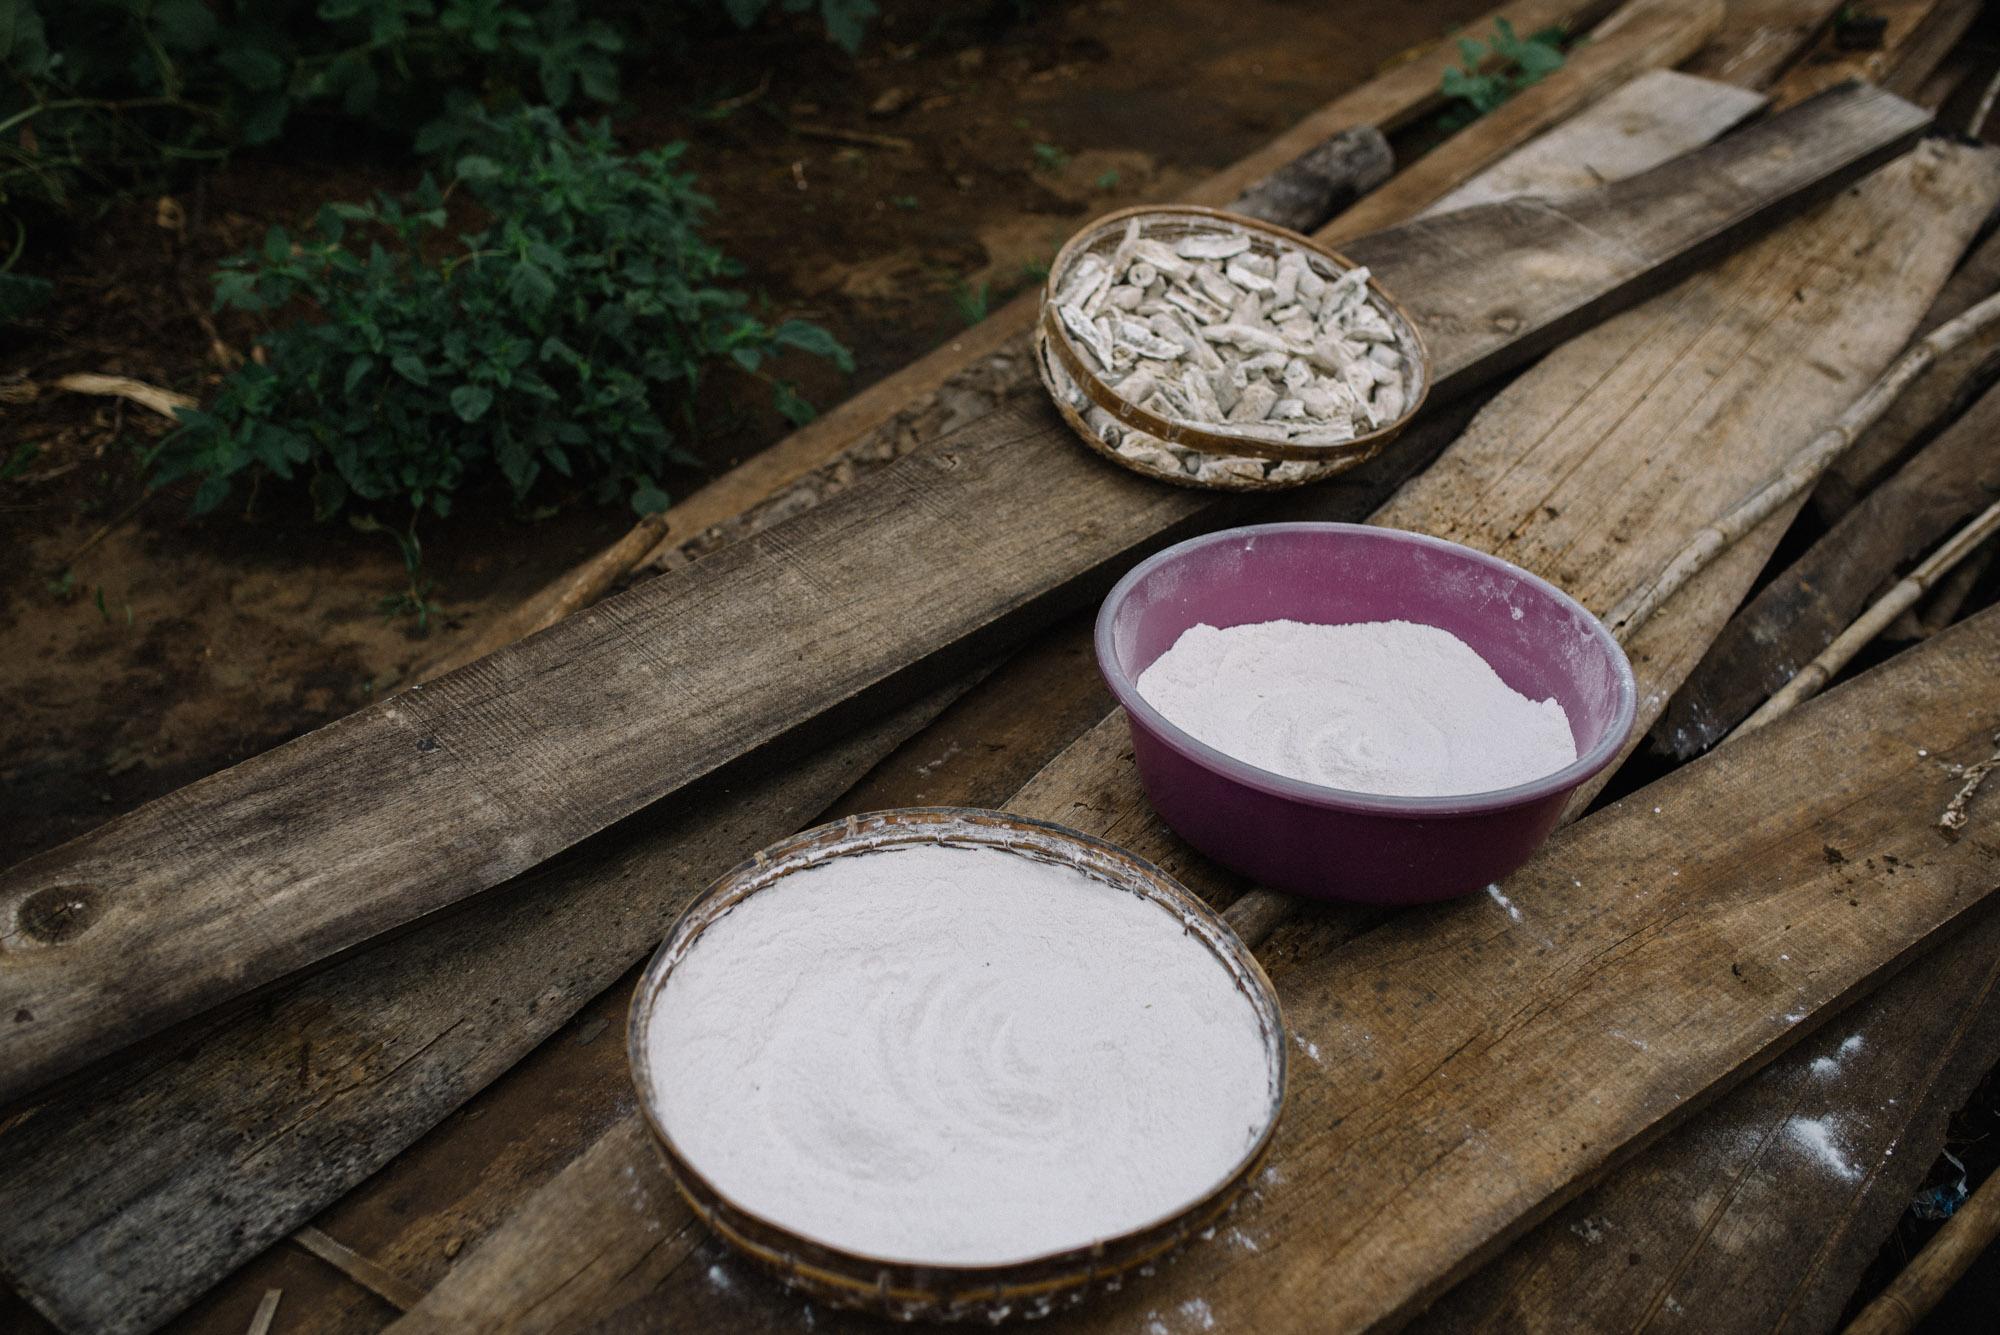 Ground cassava root used to make porridge.